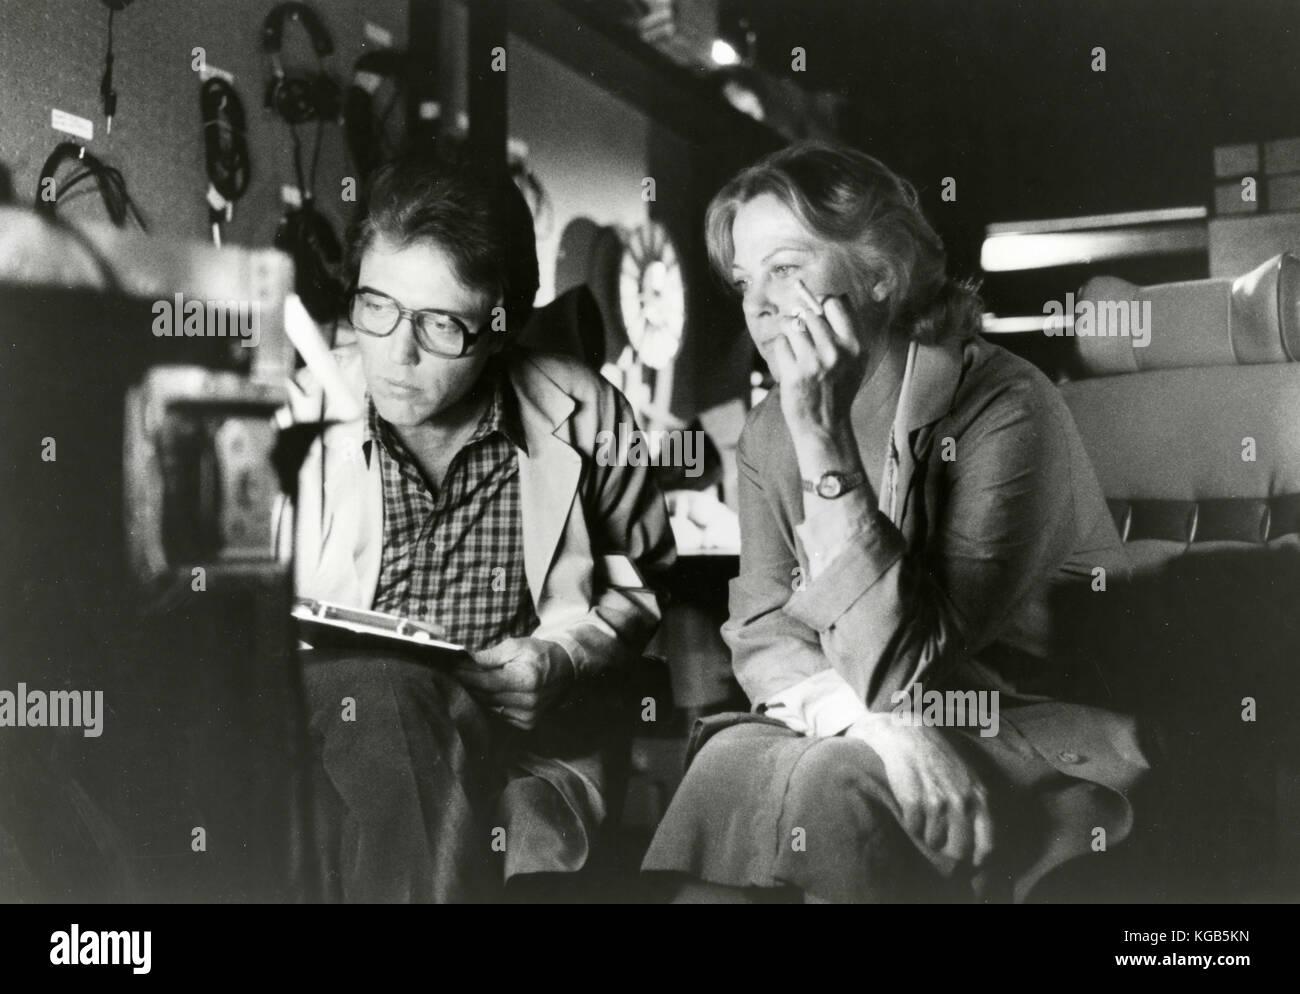 Schauspieler Christopher Walken und Louise Fletcher im Film Brainstorming, 1983 Stockbild